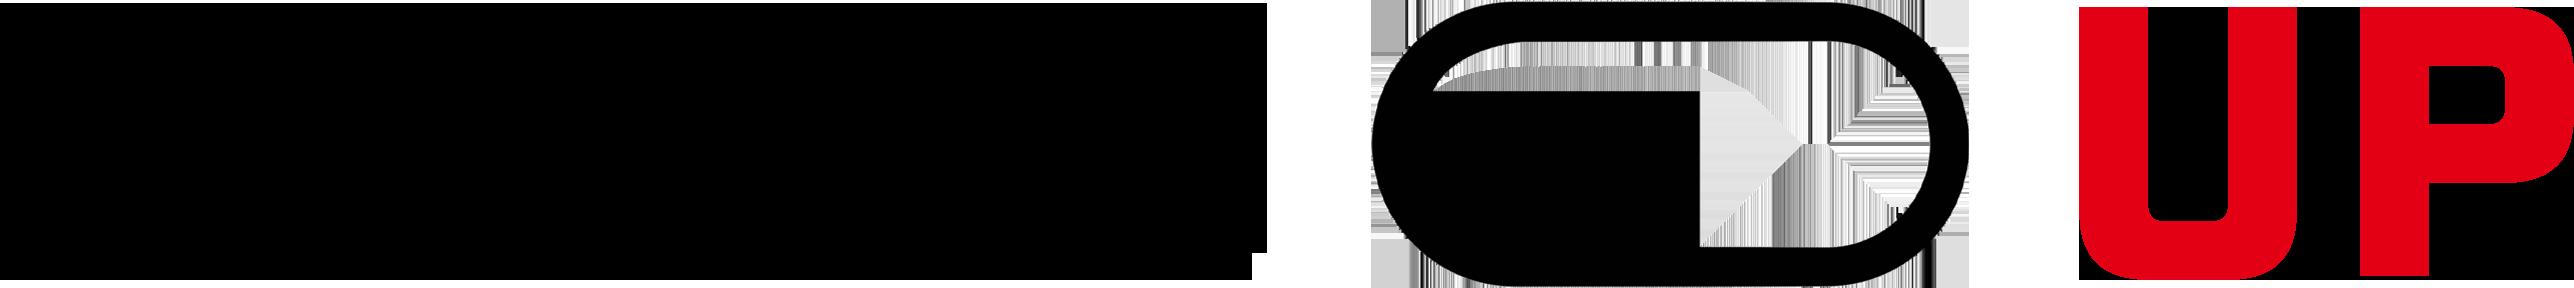 Startupill-logo